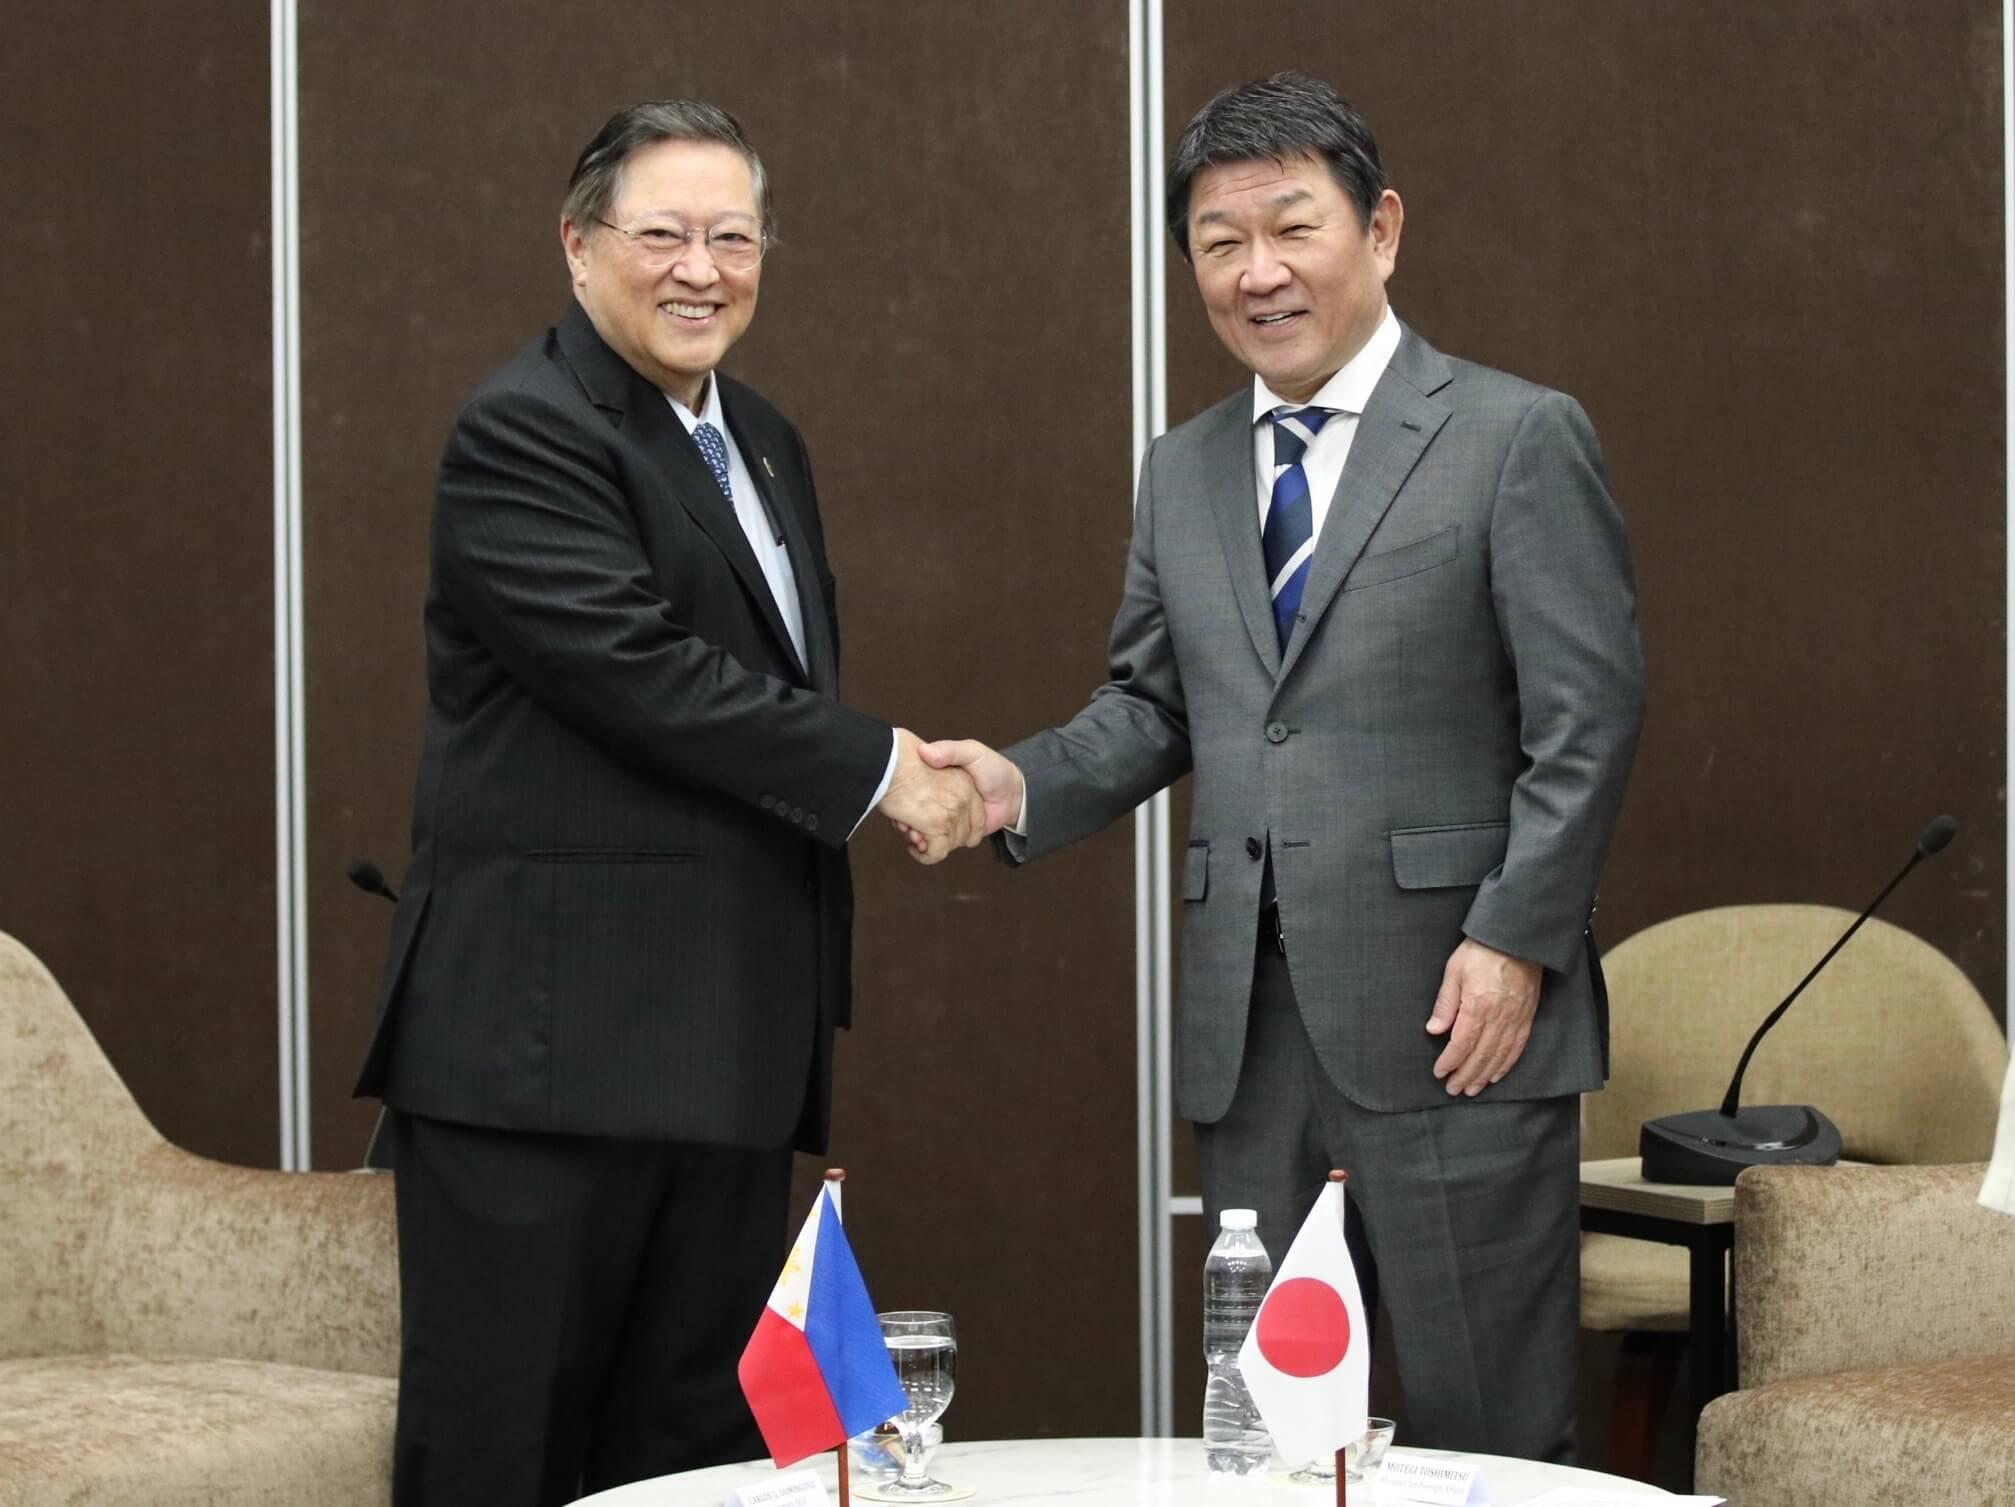 フィリピンのインフラ開発協力を加速させる日本との二国間会談が開催される